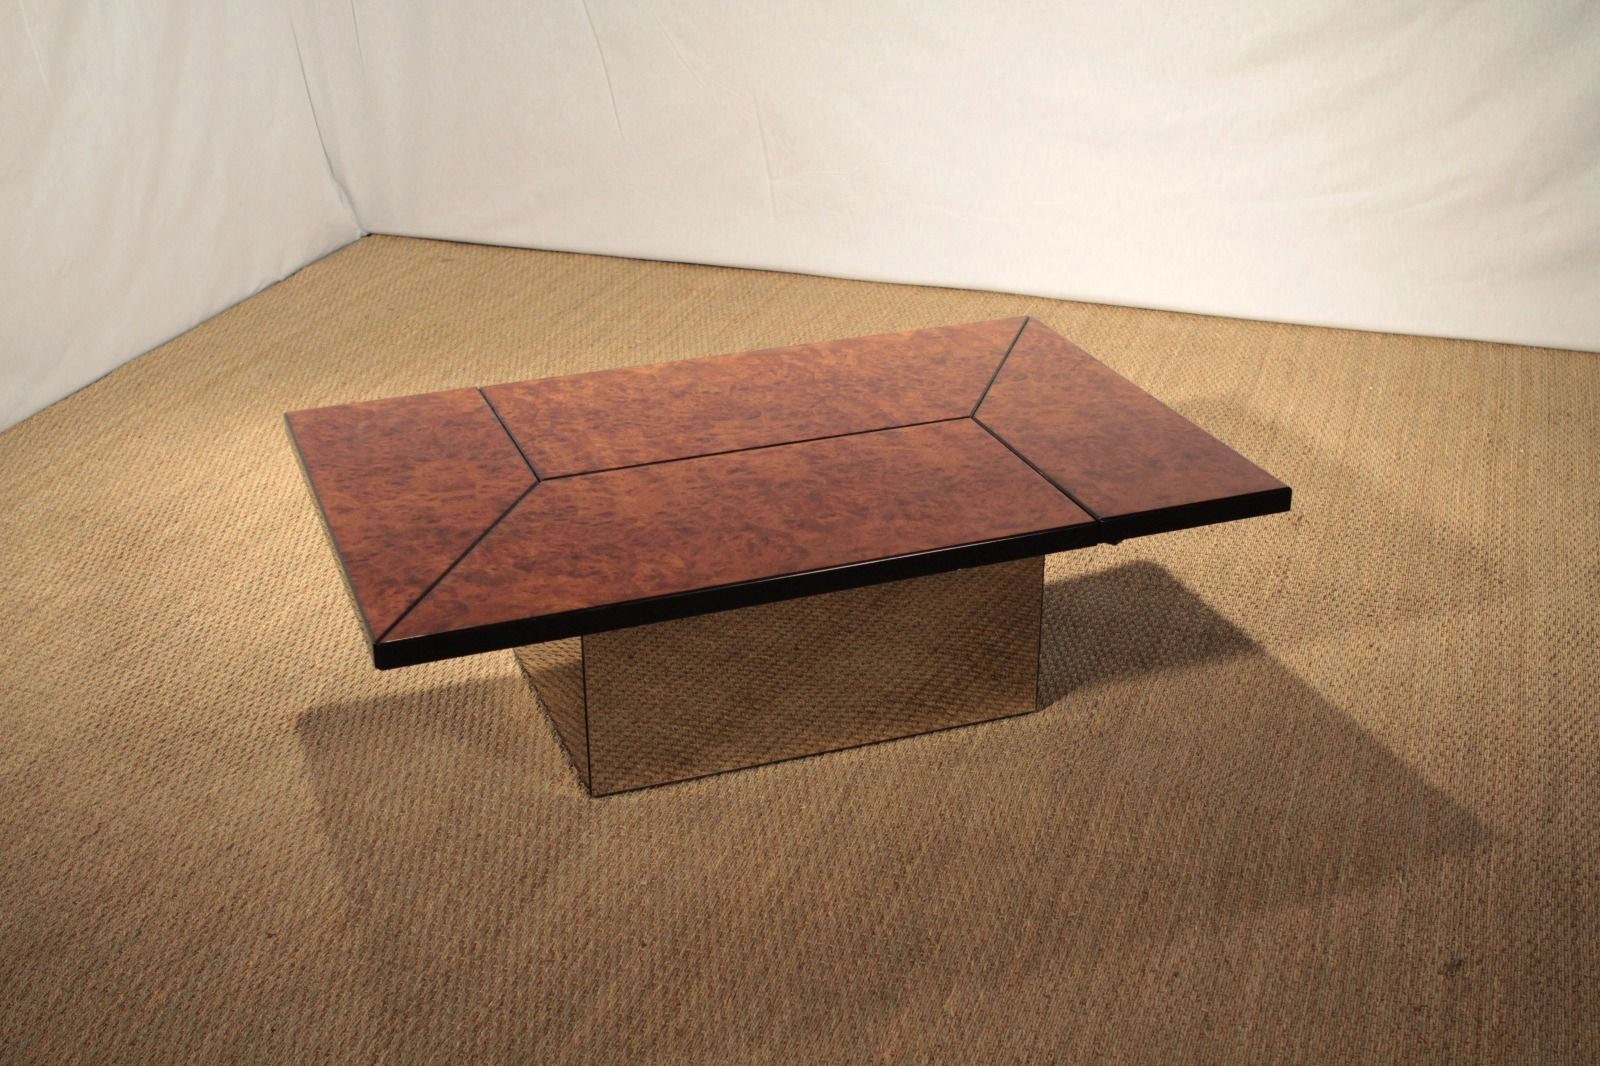 100 Transformable Furniture Ozzio Planet Transformable Table Ozzio Furniture At Go Modern